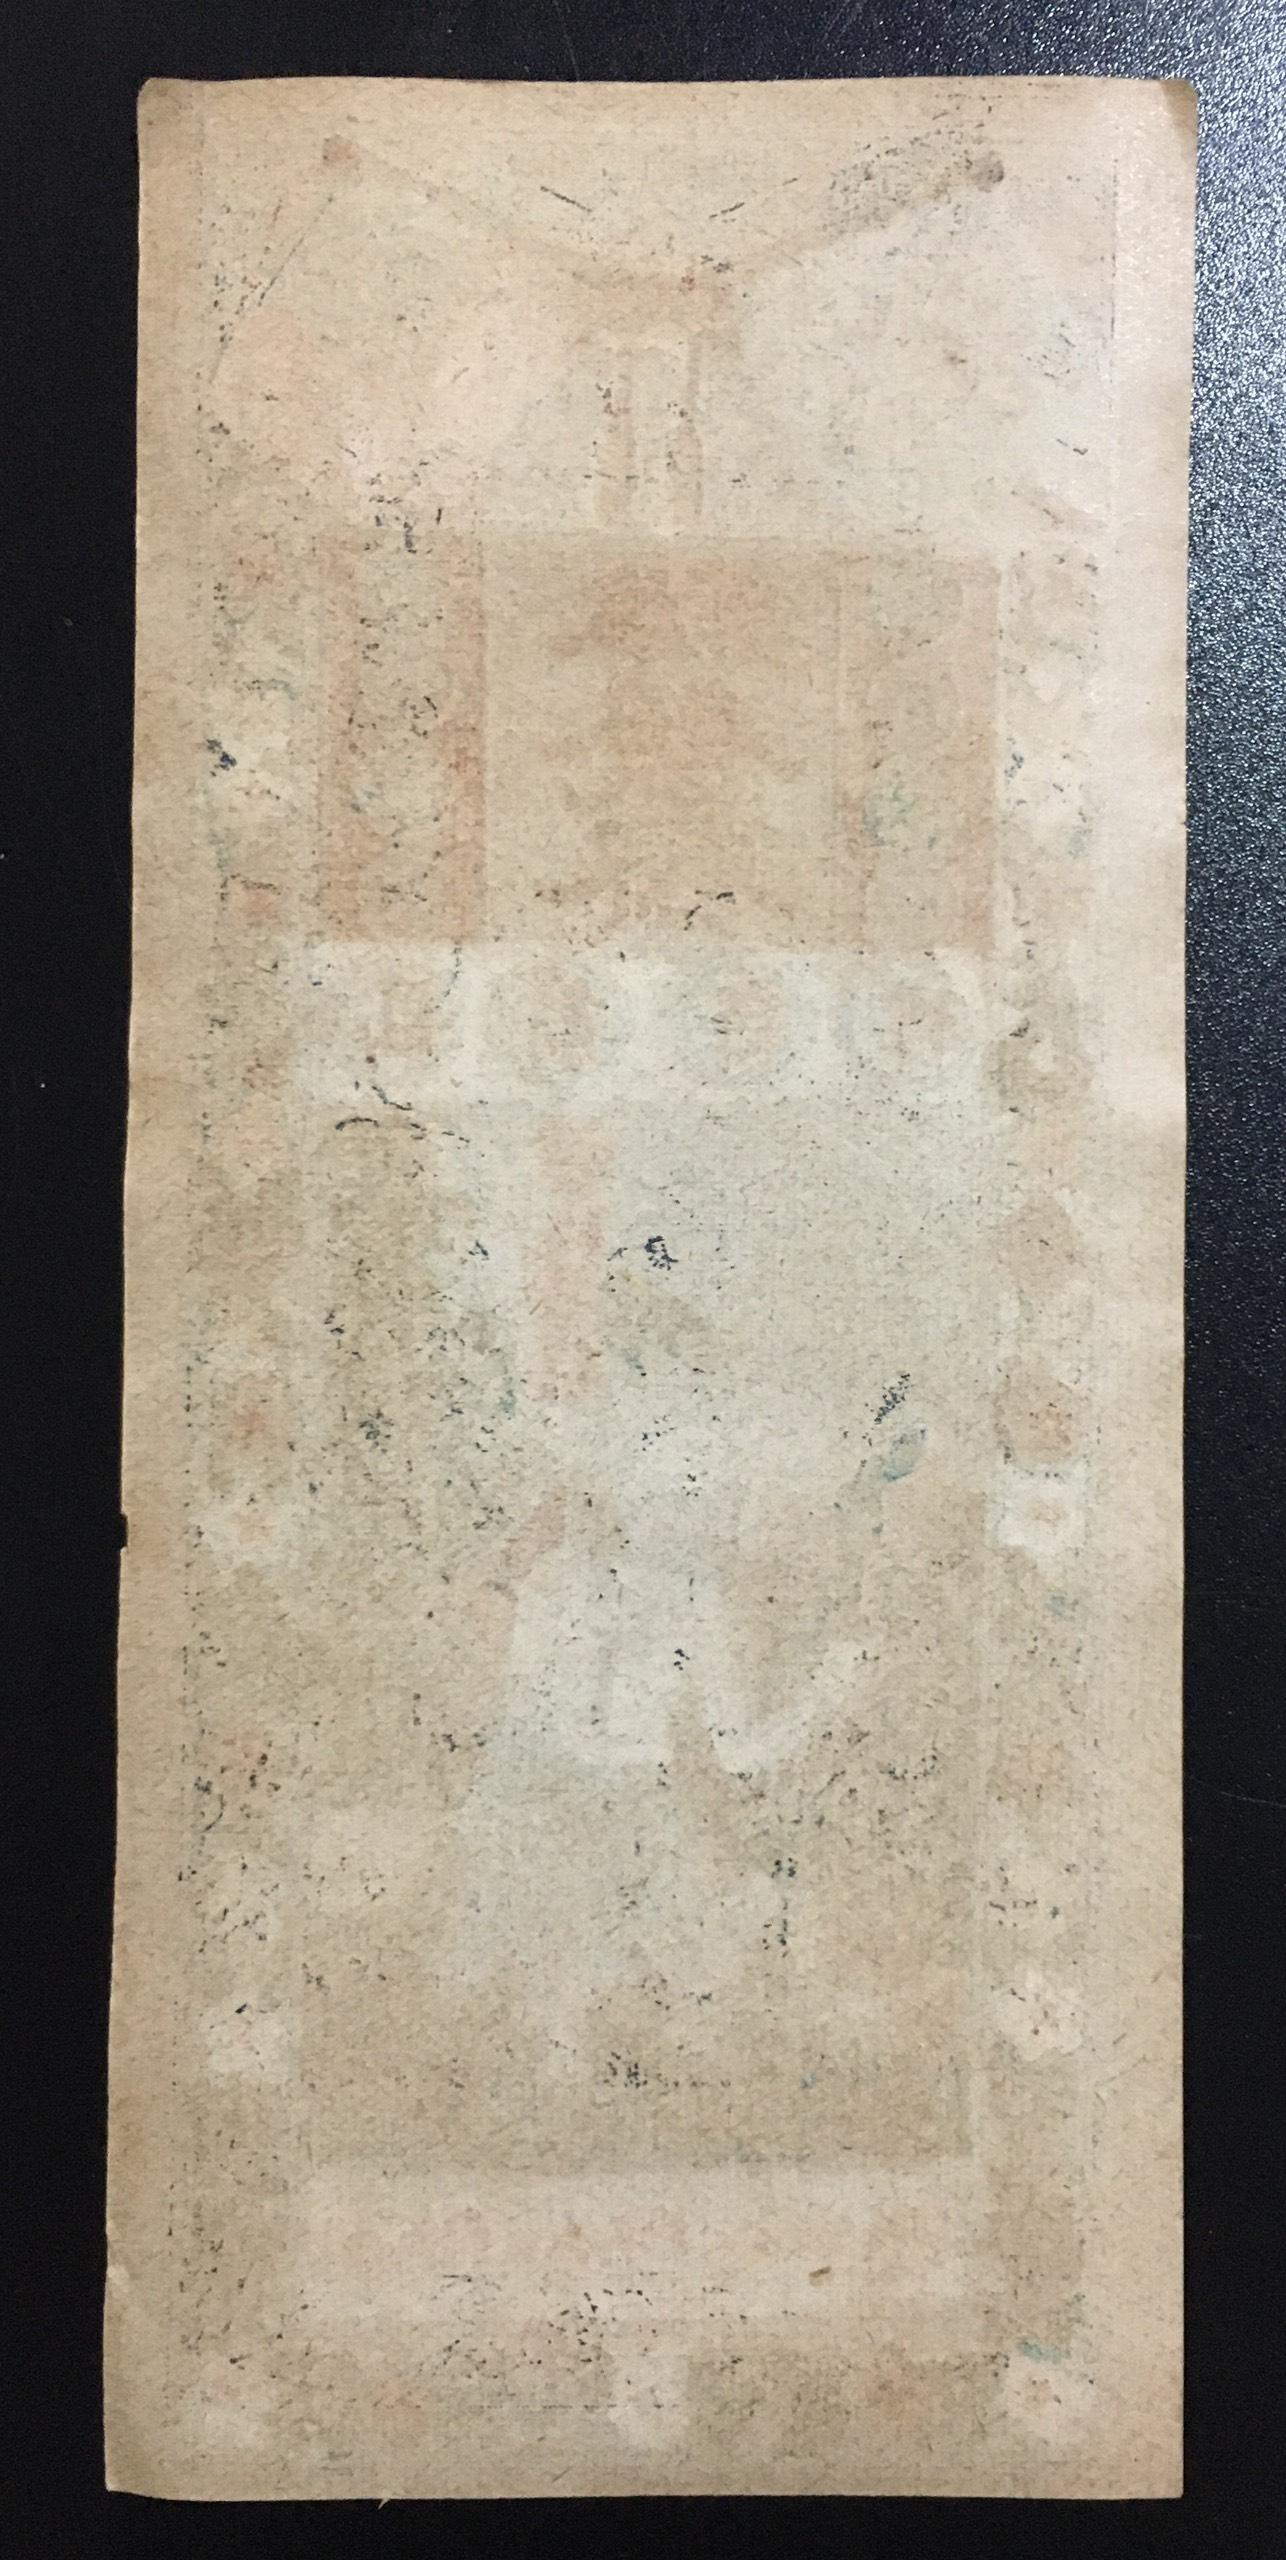 Giấy Quảng Cáo Sản Phẩm Trà Thời Đông Dương, Việt Nam [Giấy tờ thời xưa]